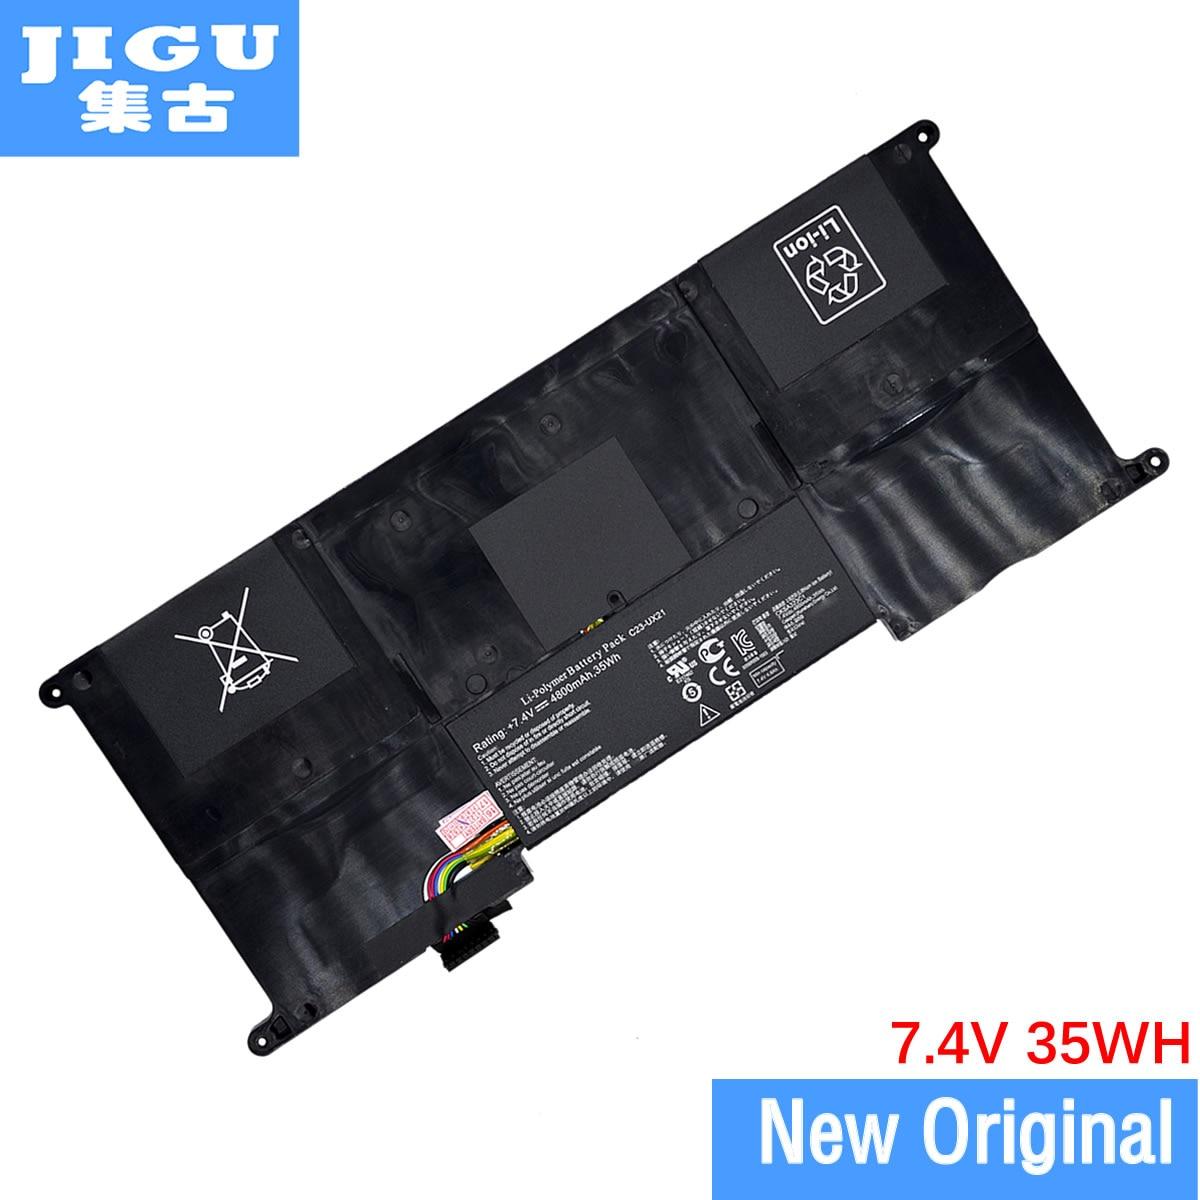 все цены на JIGU C23-UX21 C22-UX21 Original laptop Battery For Asus Ultrabook for ZENBOOK UX21 UX21A UX21E 7.4V 4800MAH 35WH онлайн